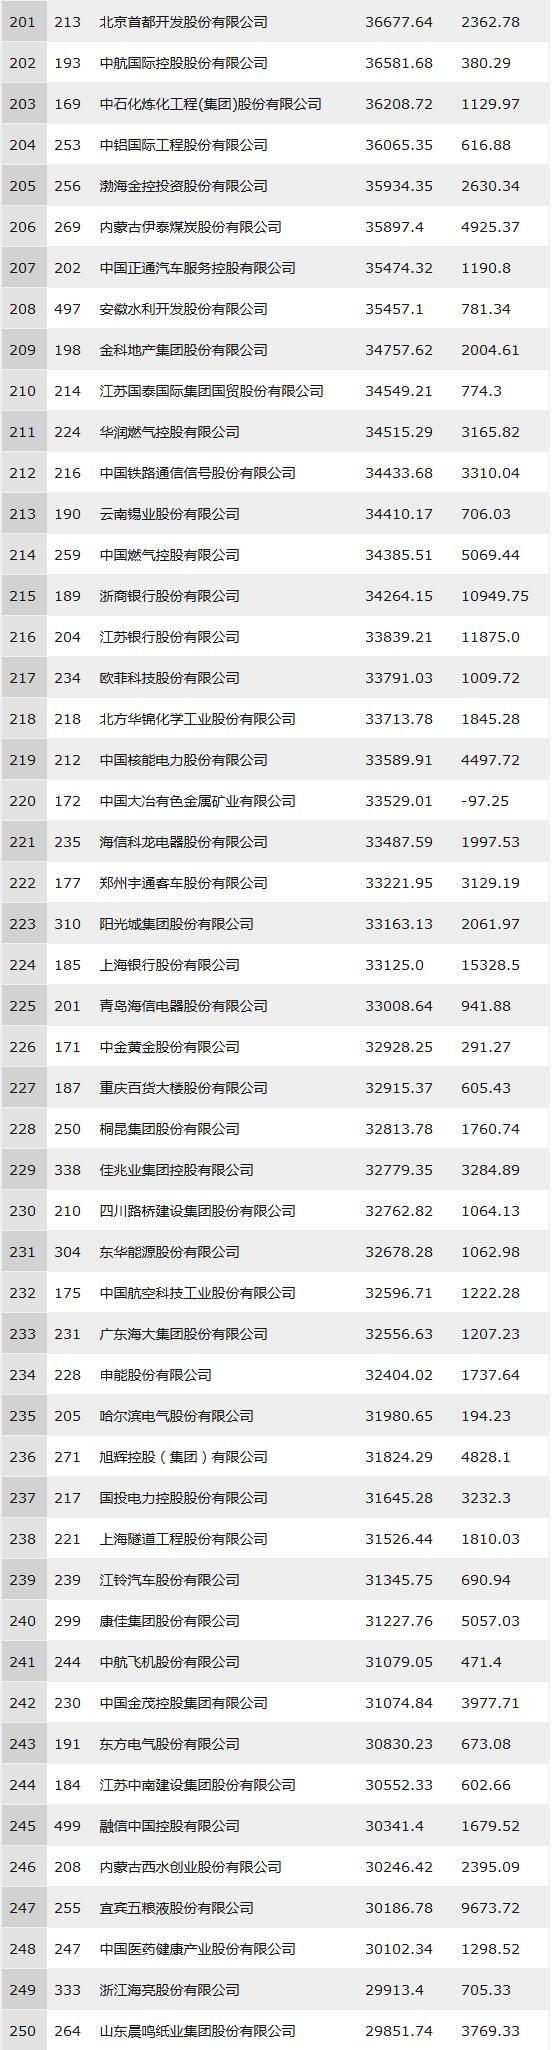 2018年中国500强排行榜(全部榜单)201-250